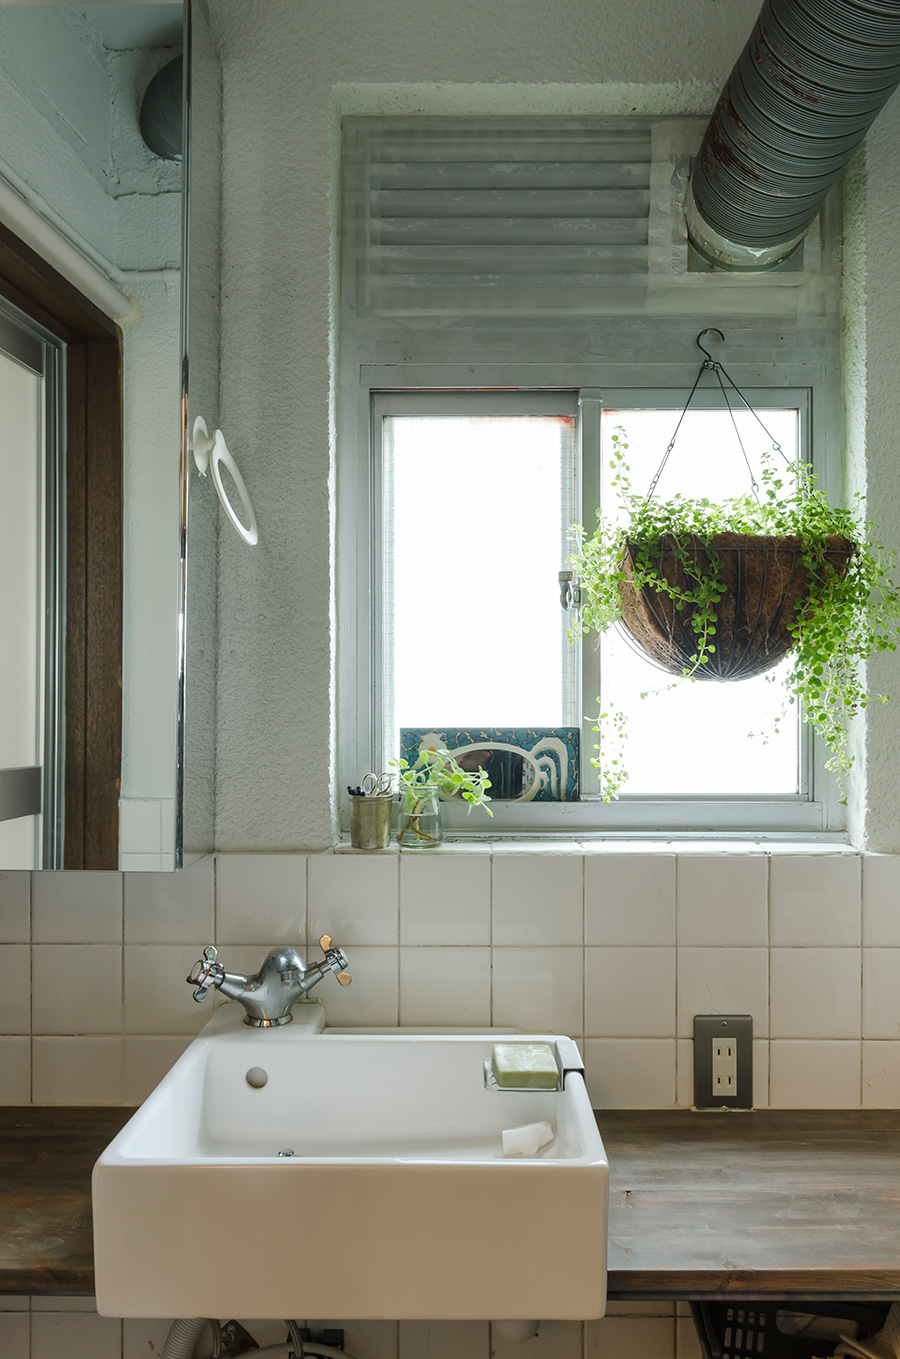 水回りはすべてリフォーム。白いタイルと木の天板に、ハンギングのグリーンが素朴な雰囲気。